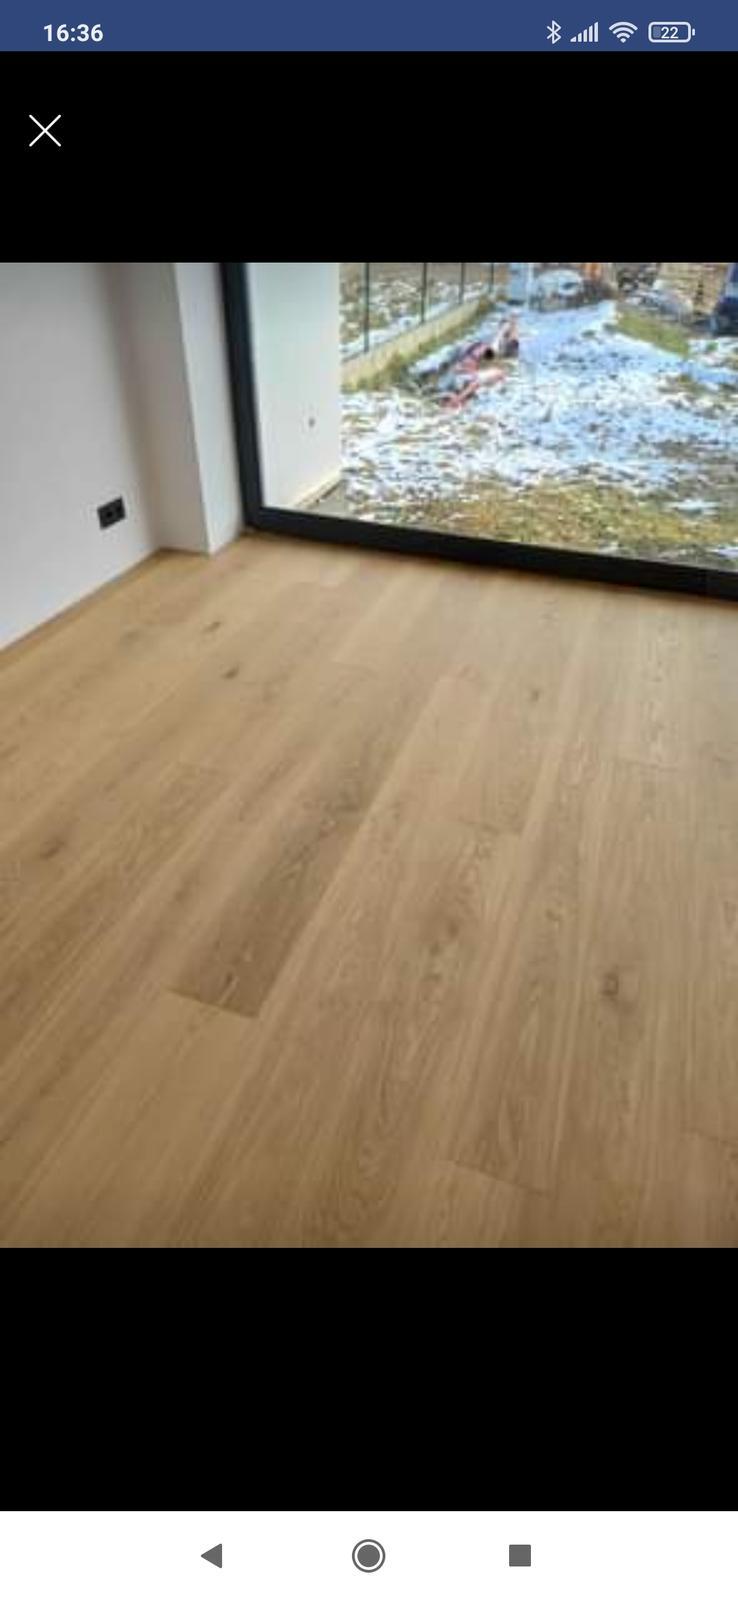 Drevená podlaha - Obrázok č. 1